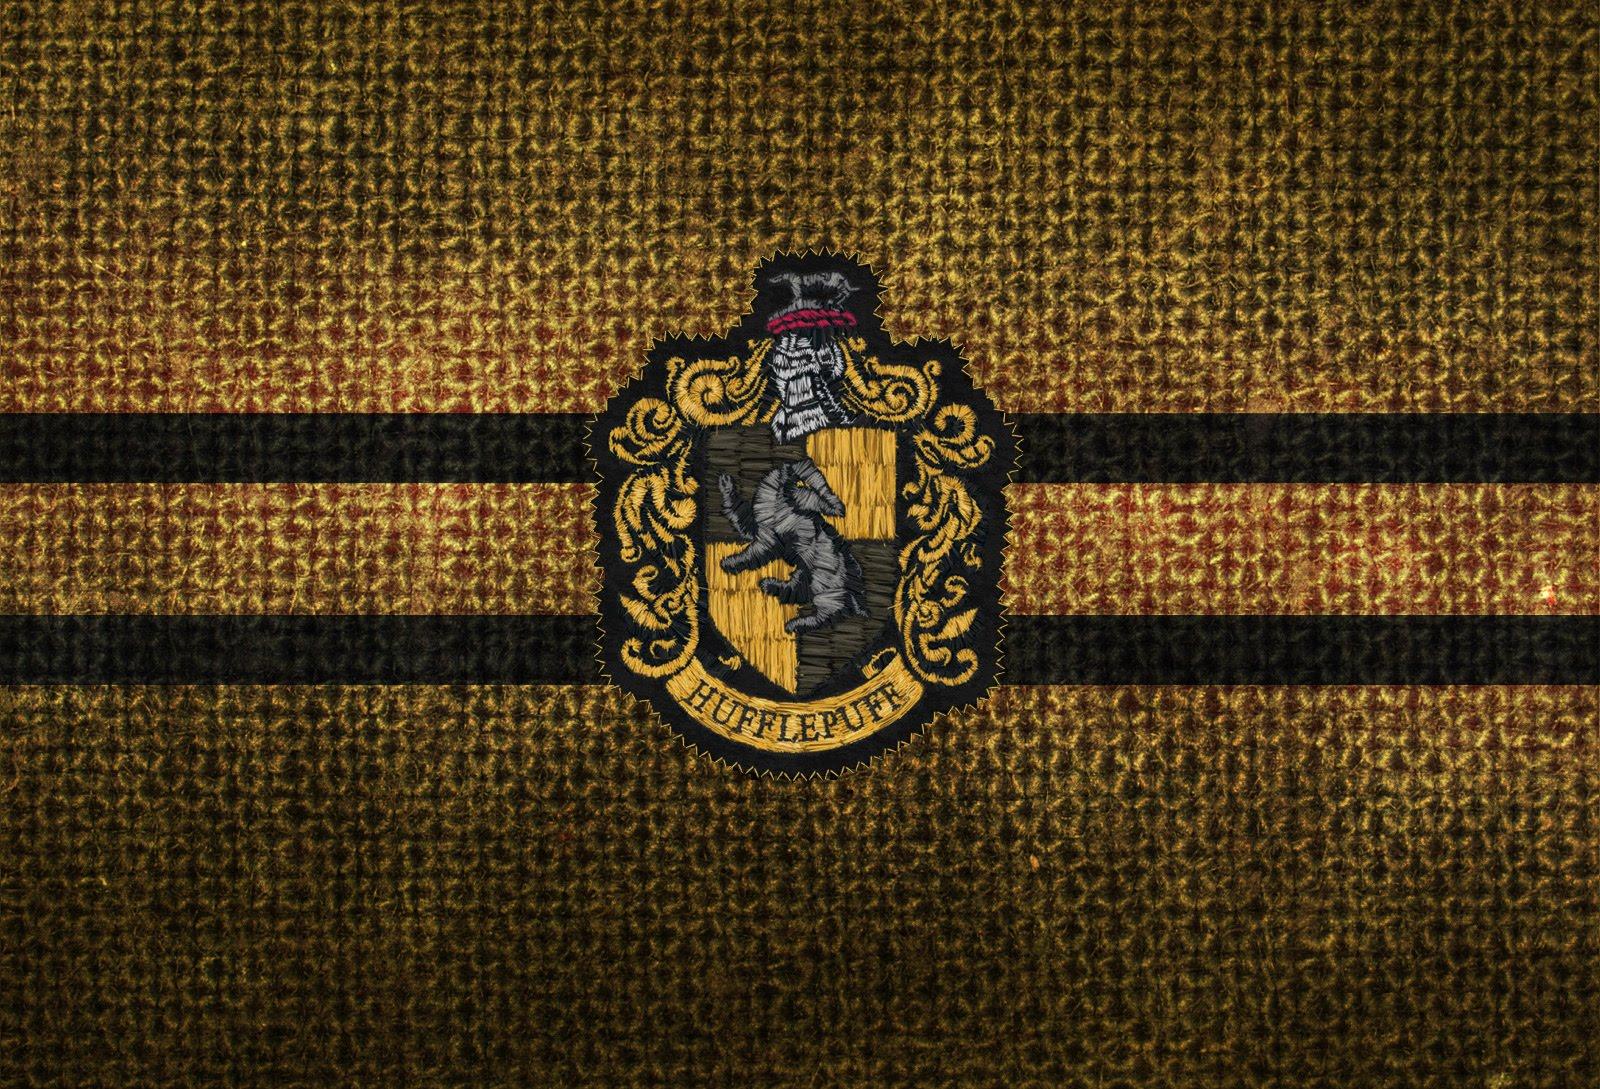 harry potter hogwarts hufflepuff crest best widescreen background 1600x1089